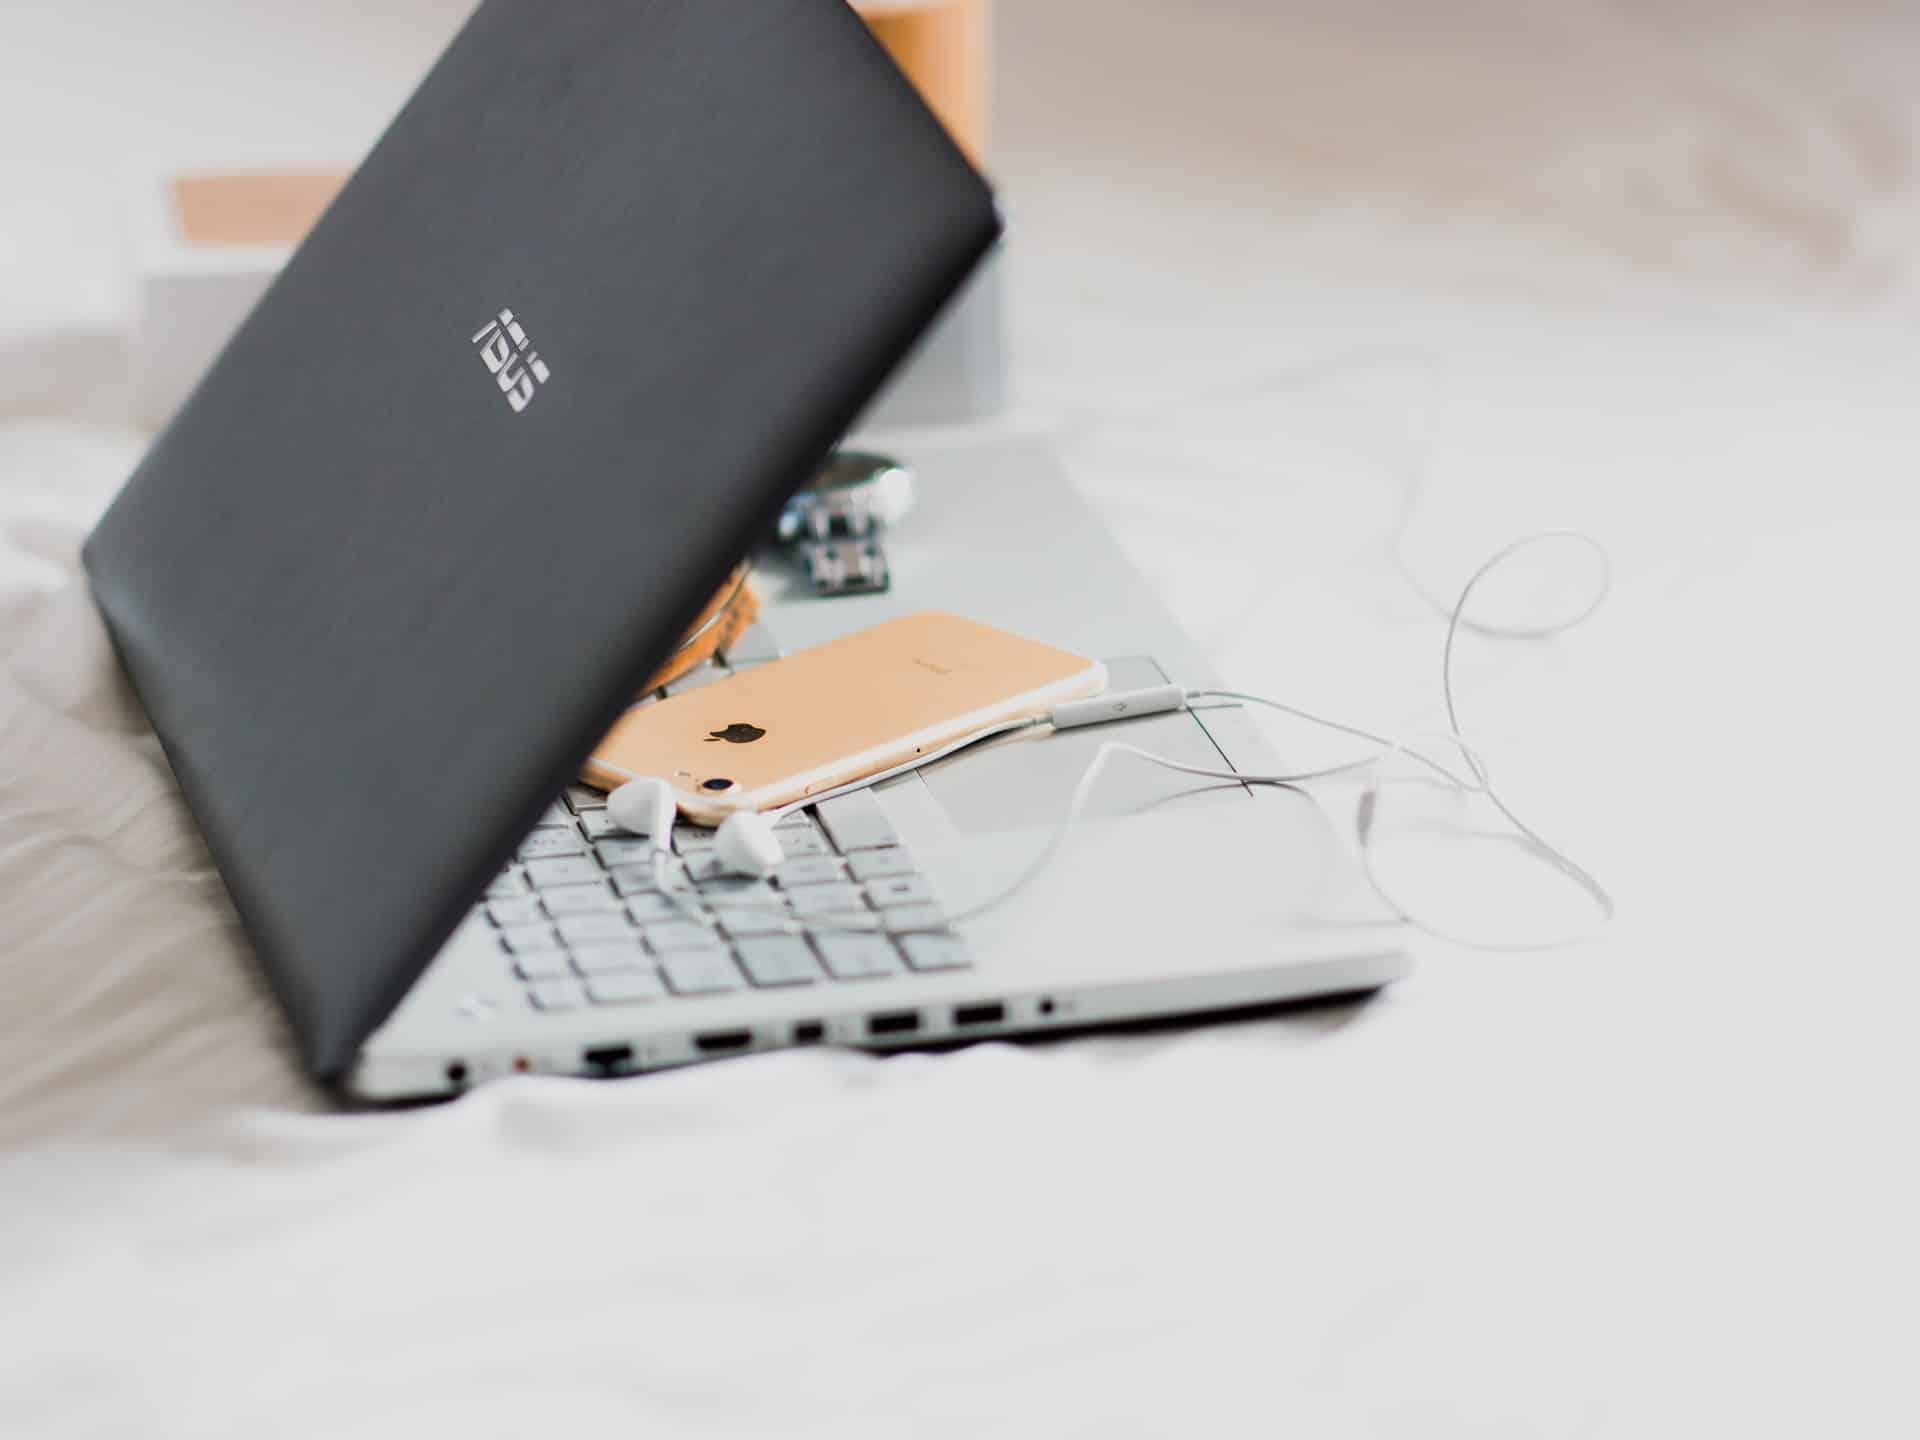 Ways Laptop Work Header Image